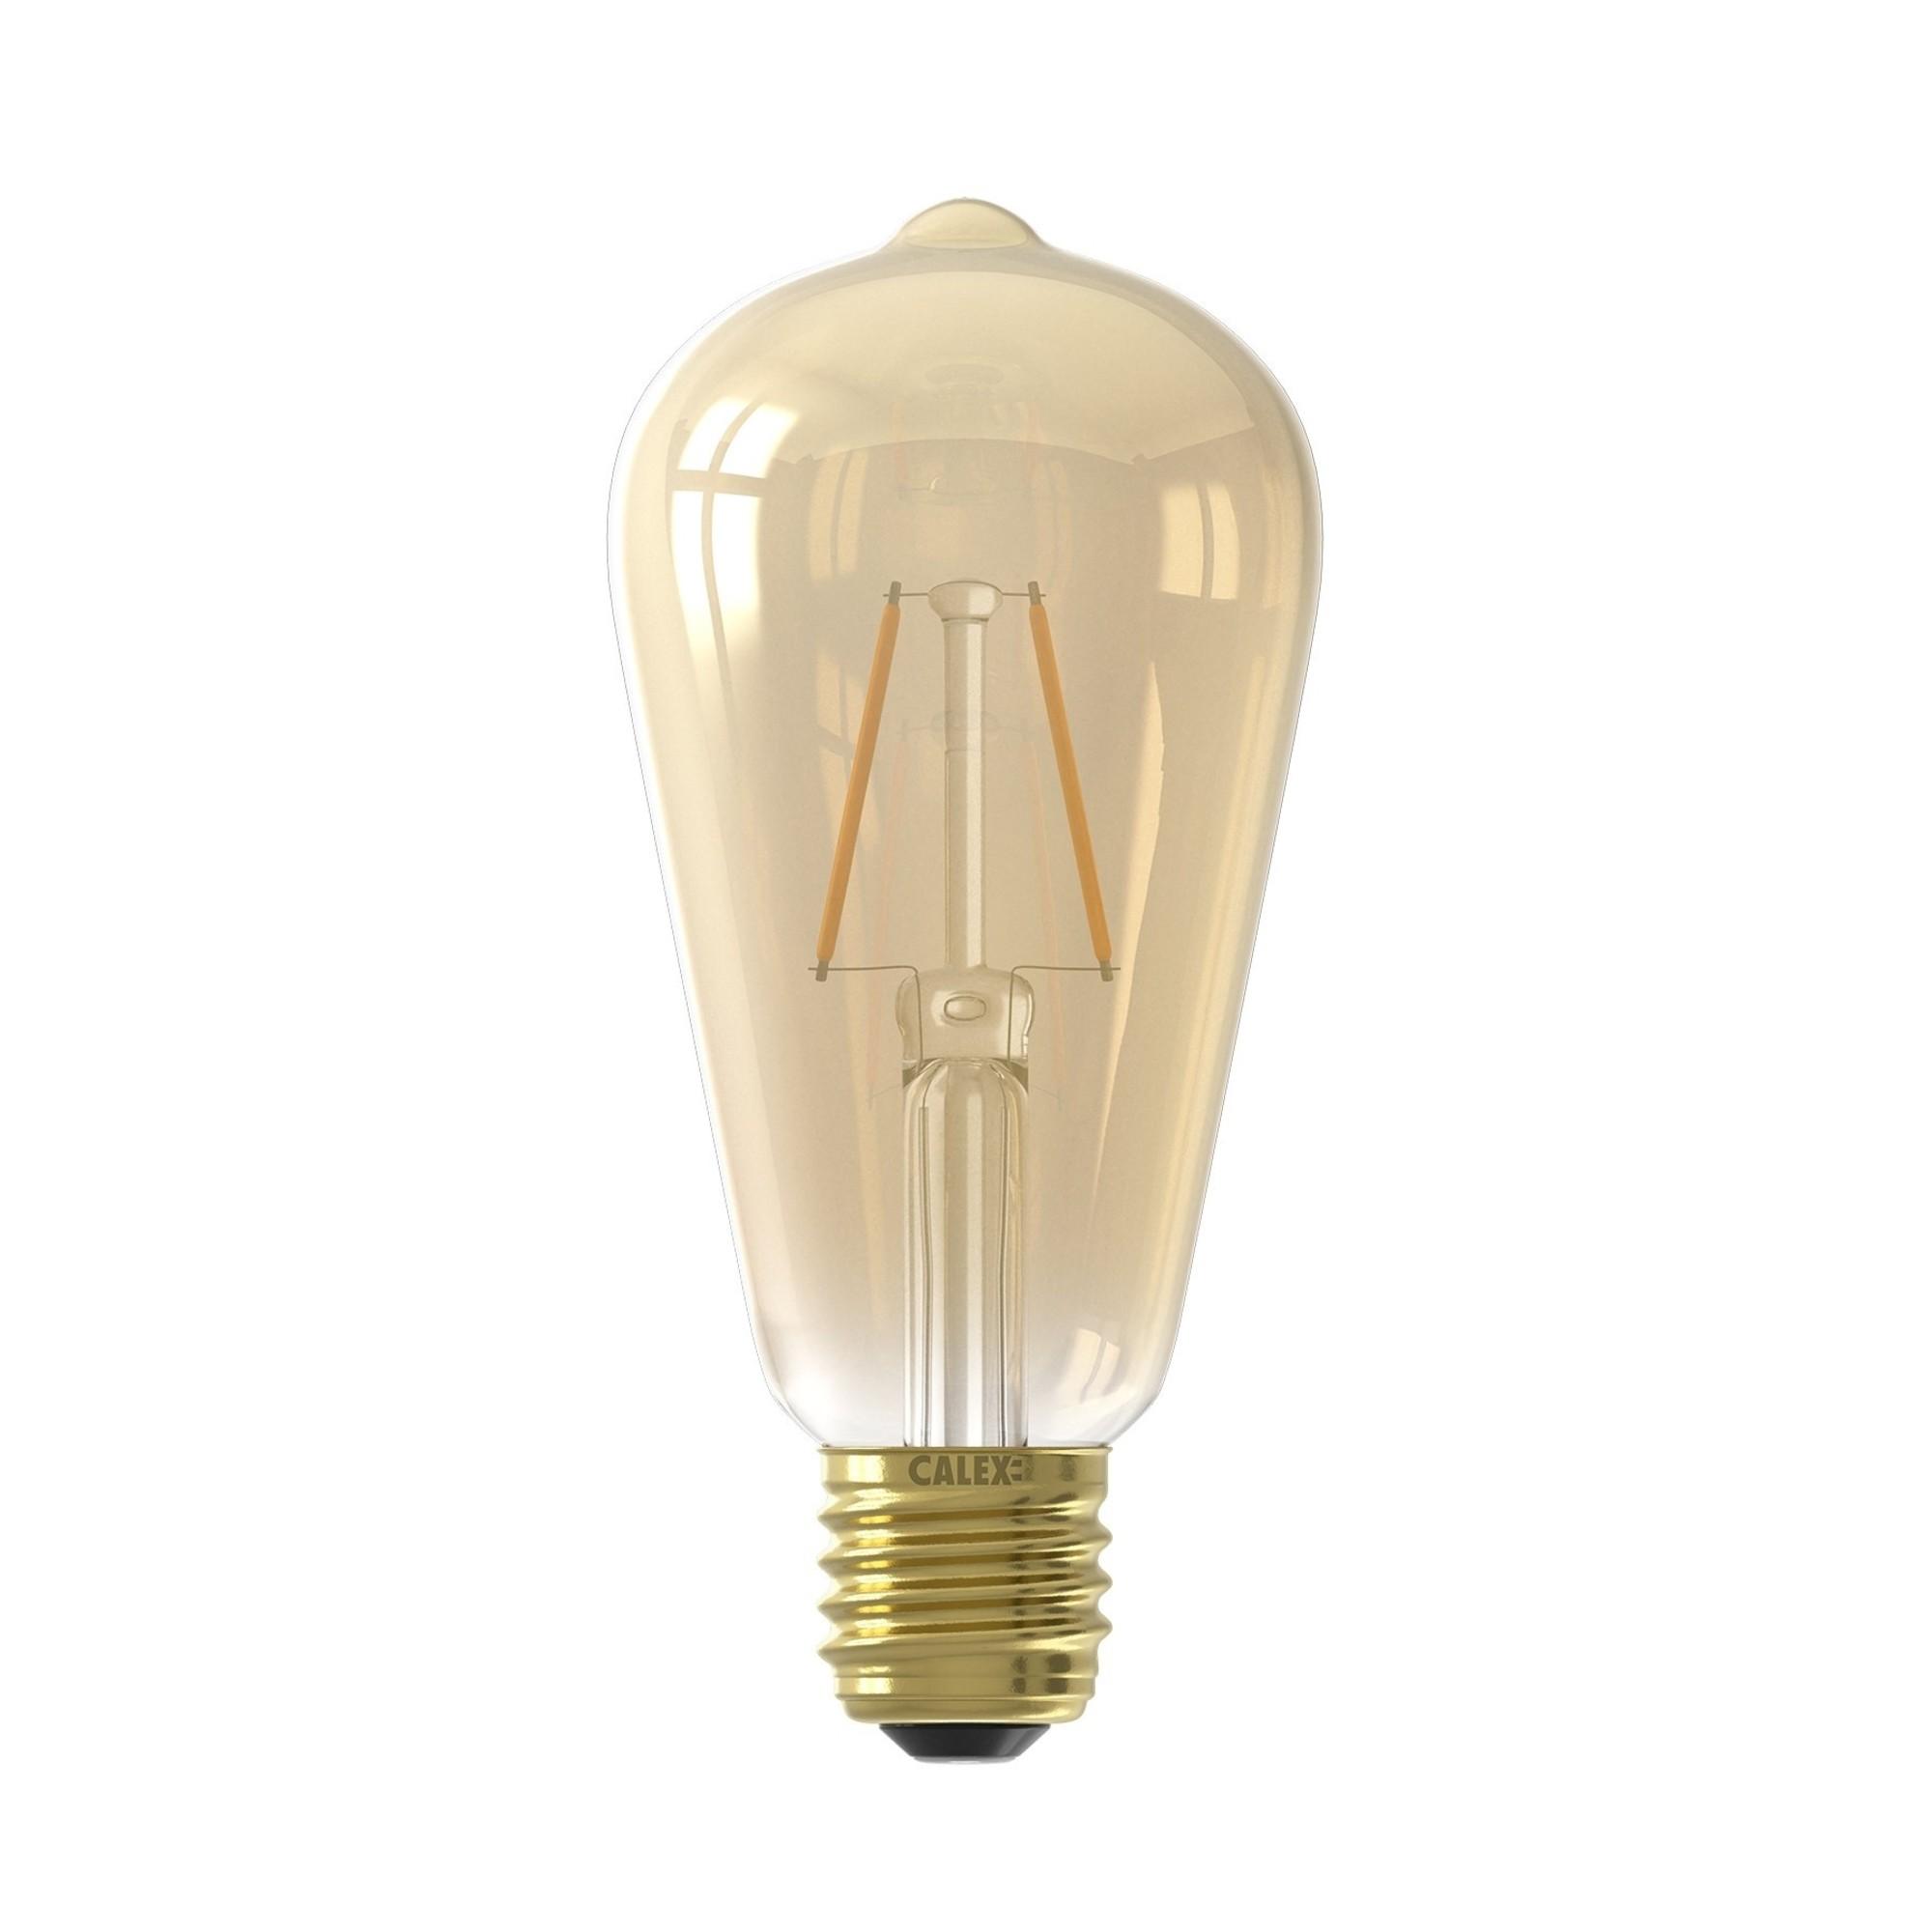 Светодиодная лампа цельностеклянная